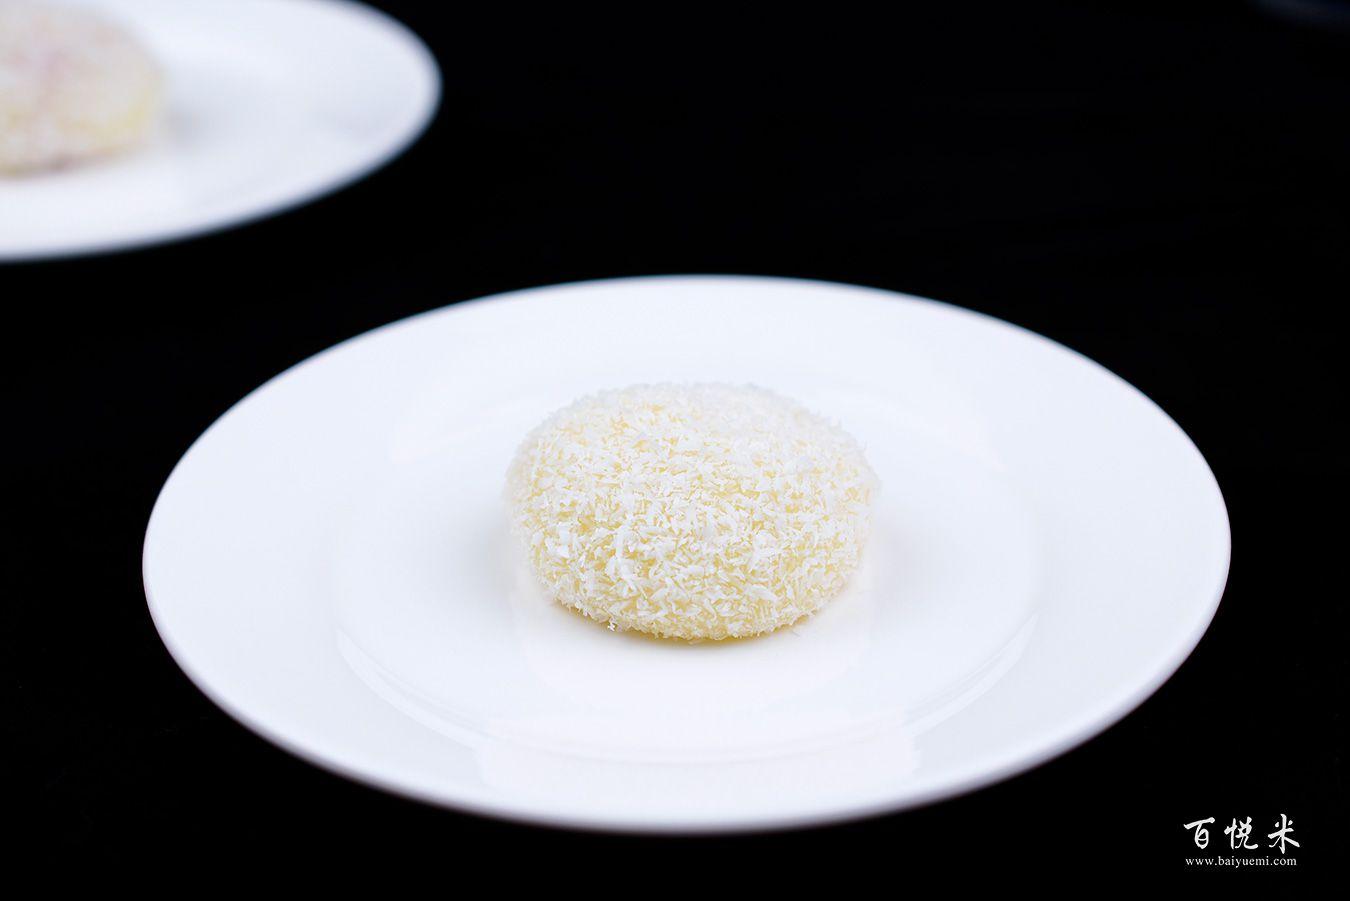 芒果糯米糍高清图片大全【蛋糕图片】_949